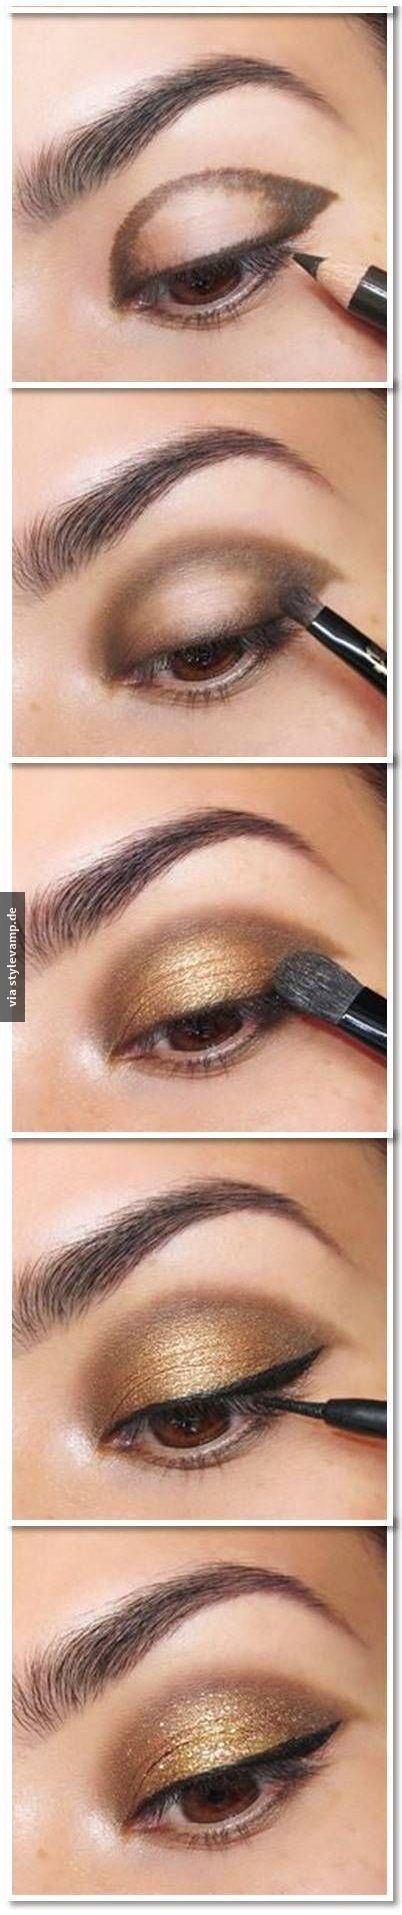 Perfektes Make-Up für Braune Augen!:                                                                                                                                                                                 Mehr